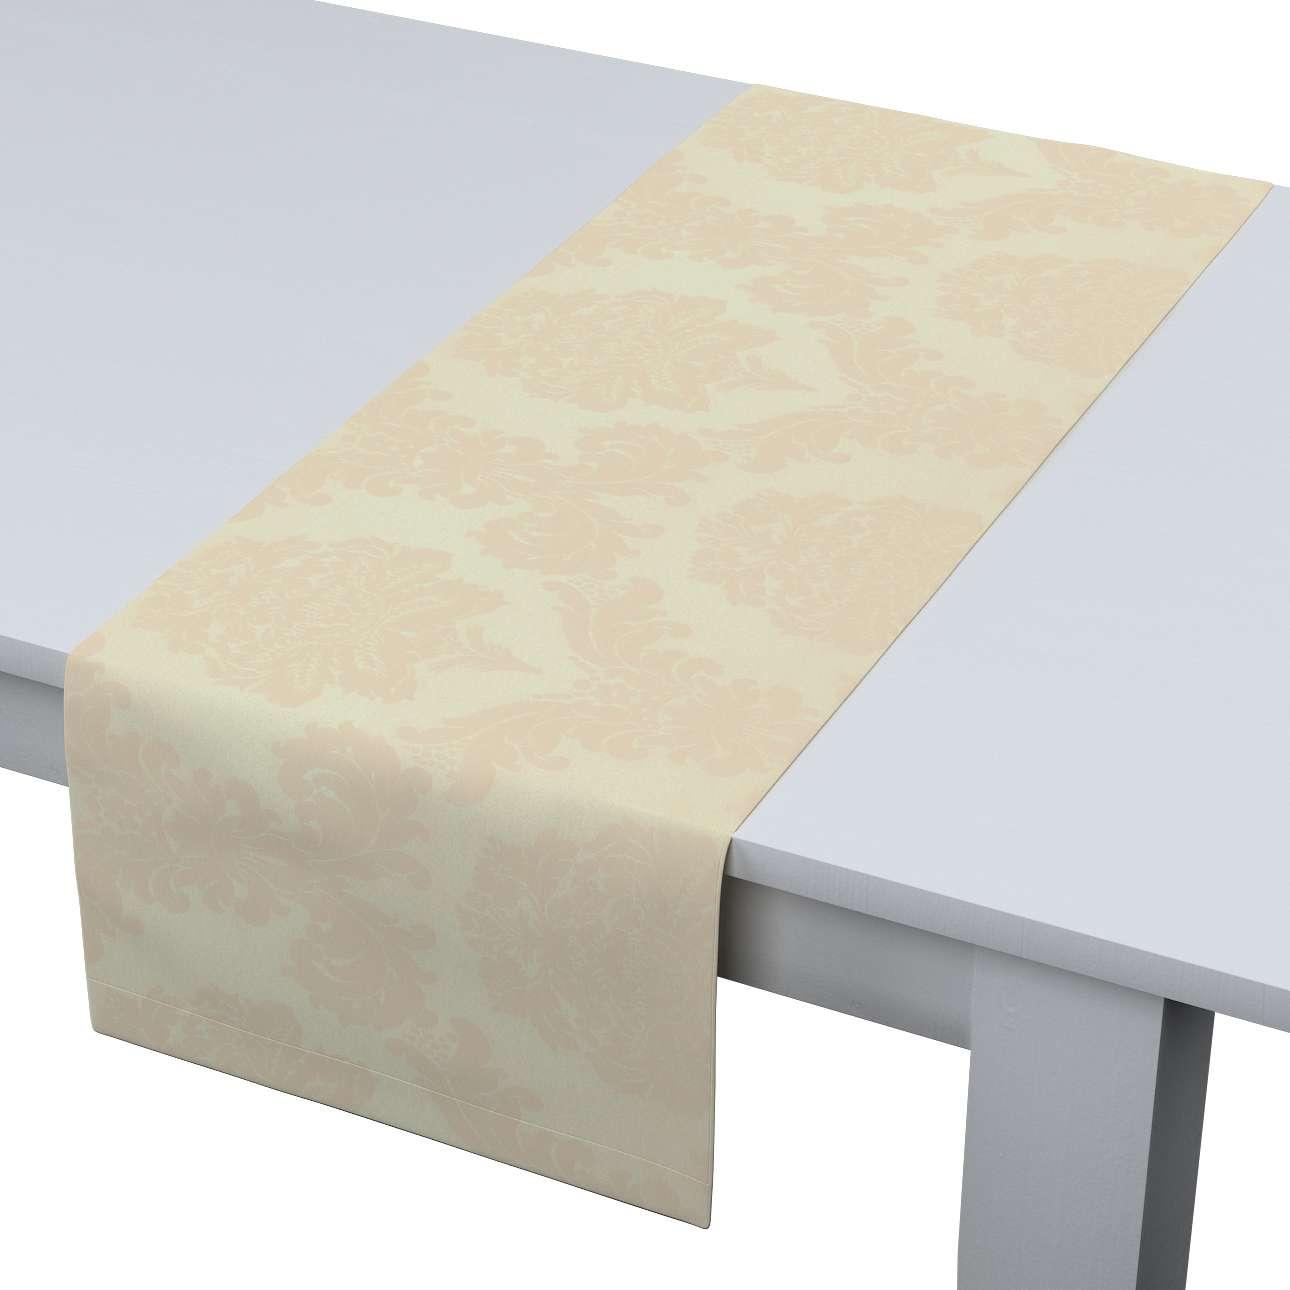 Rechteckiger Tischläufer 40 x 130 cm von der Kollektion Damasco, Stoff: 613-01